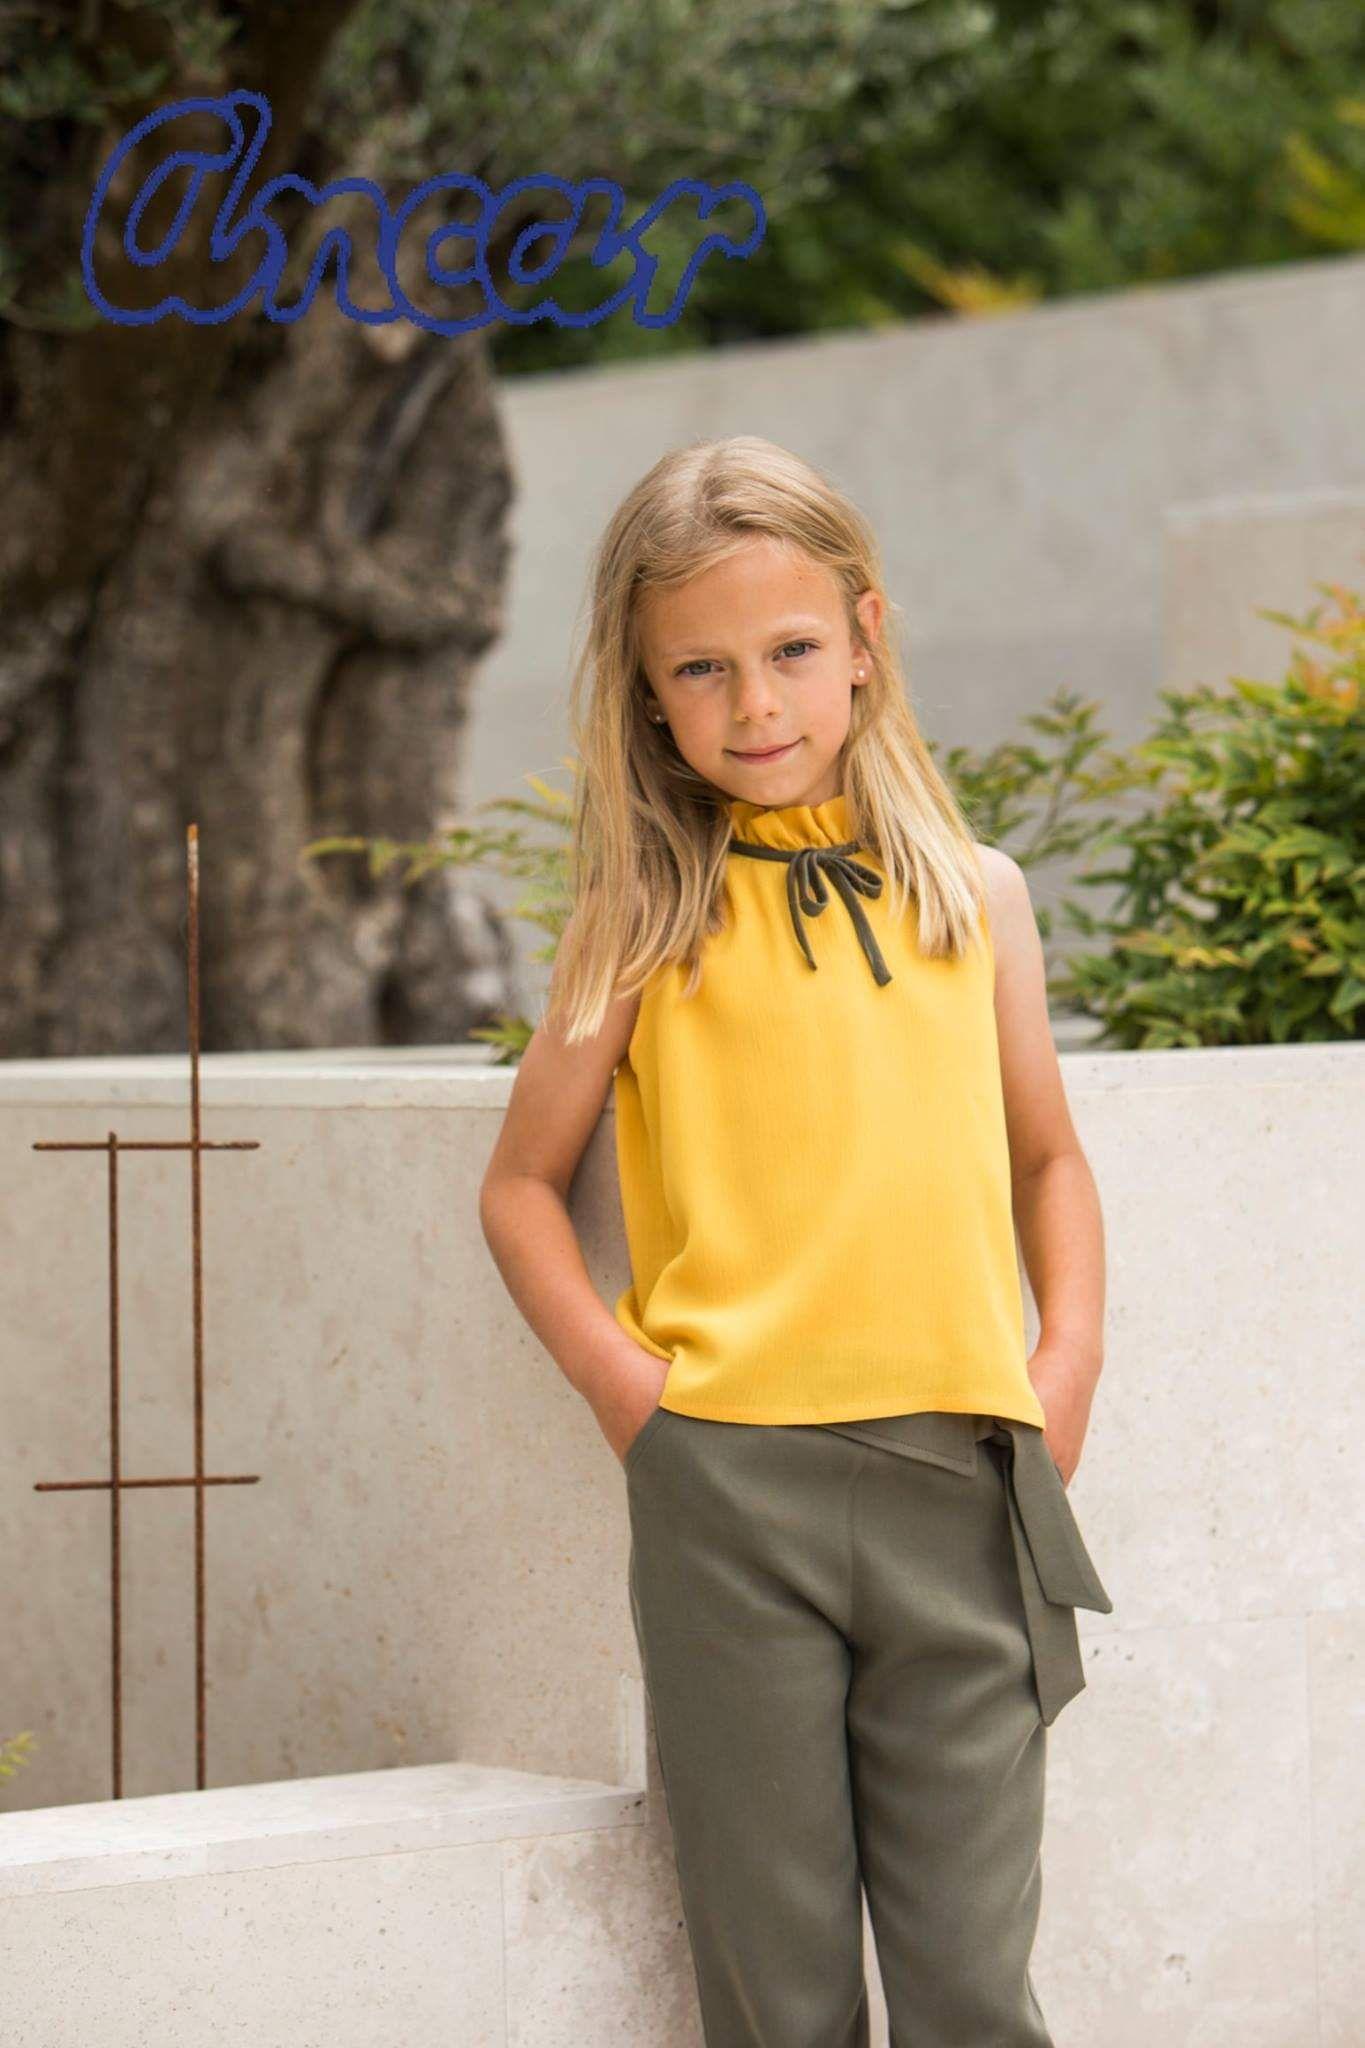 Colecciones de moda infantil Ames